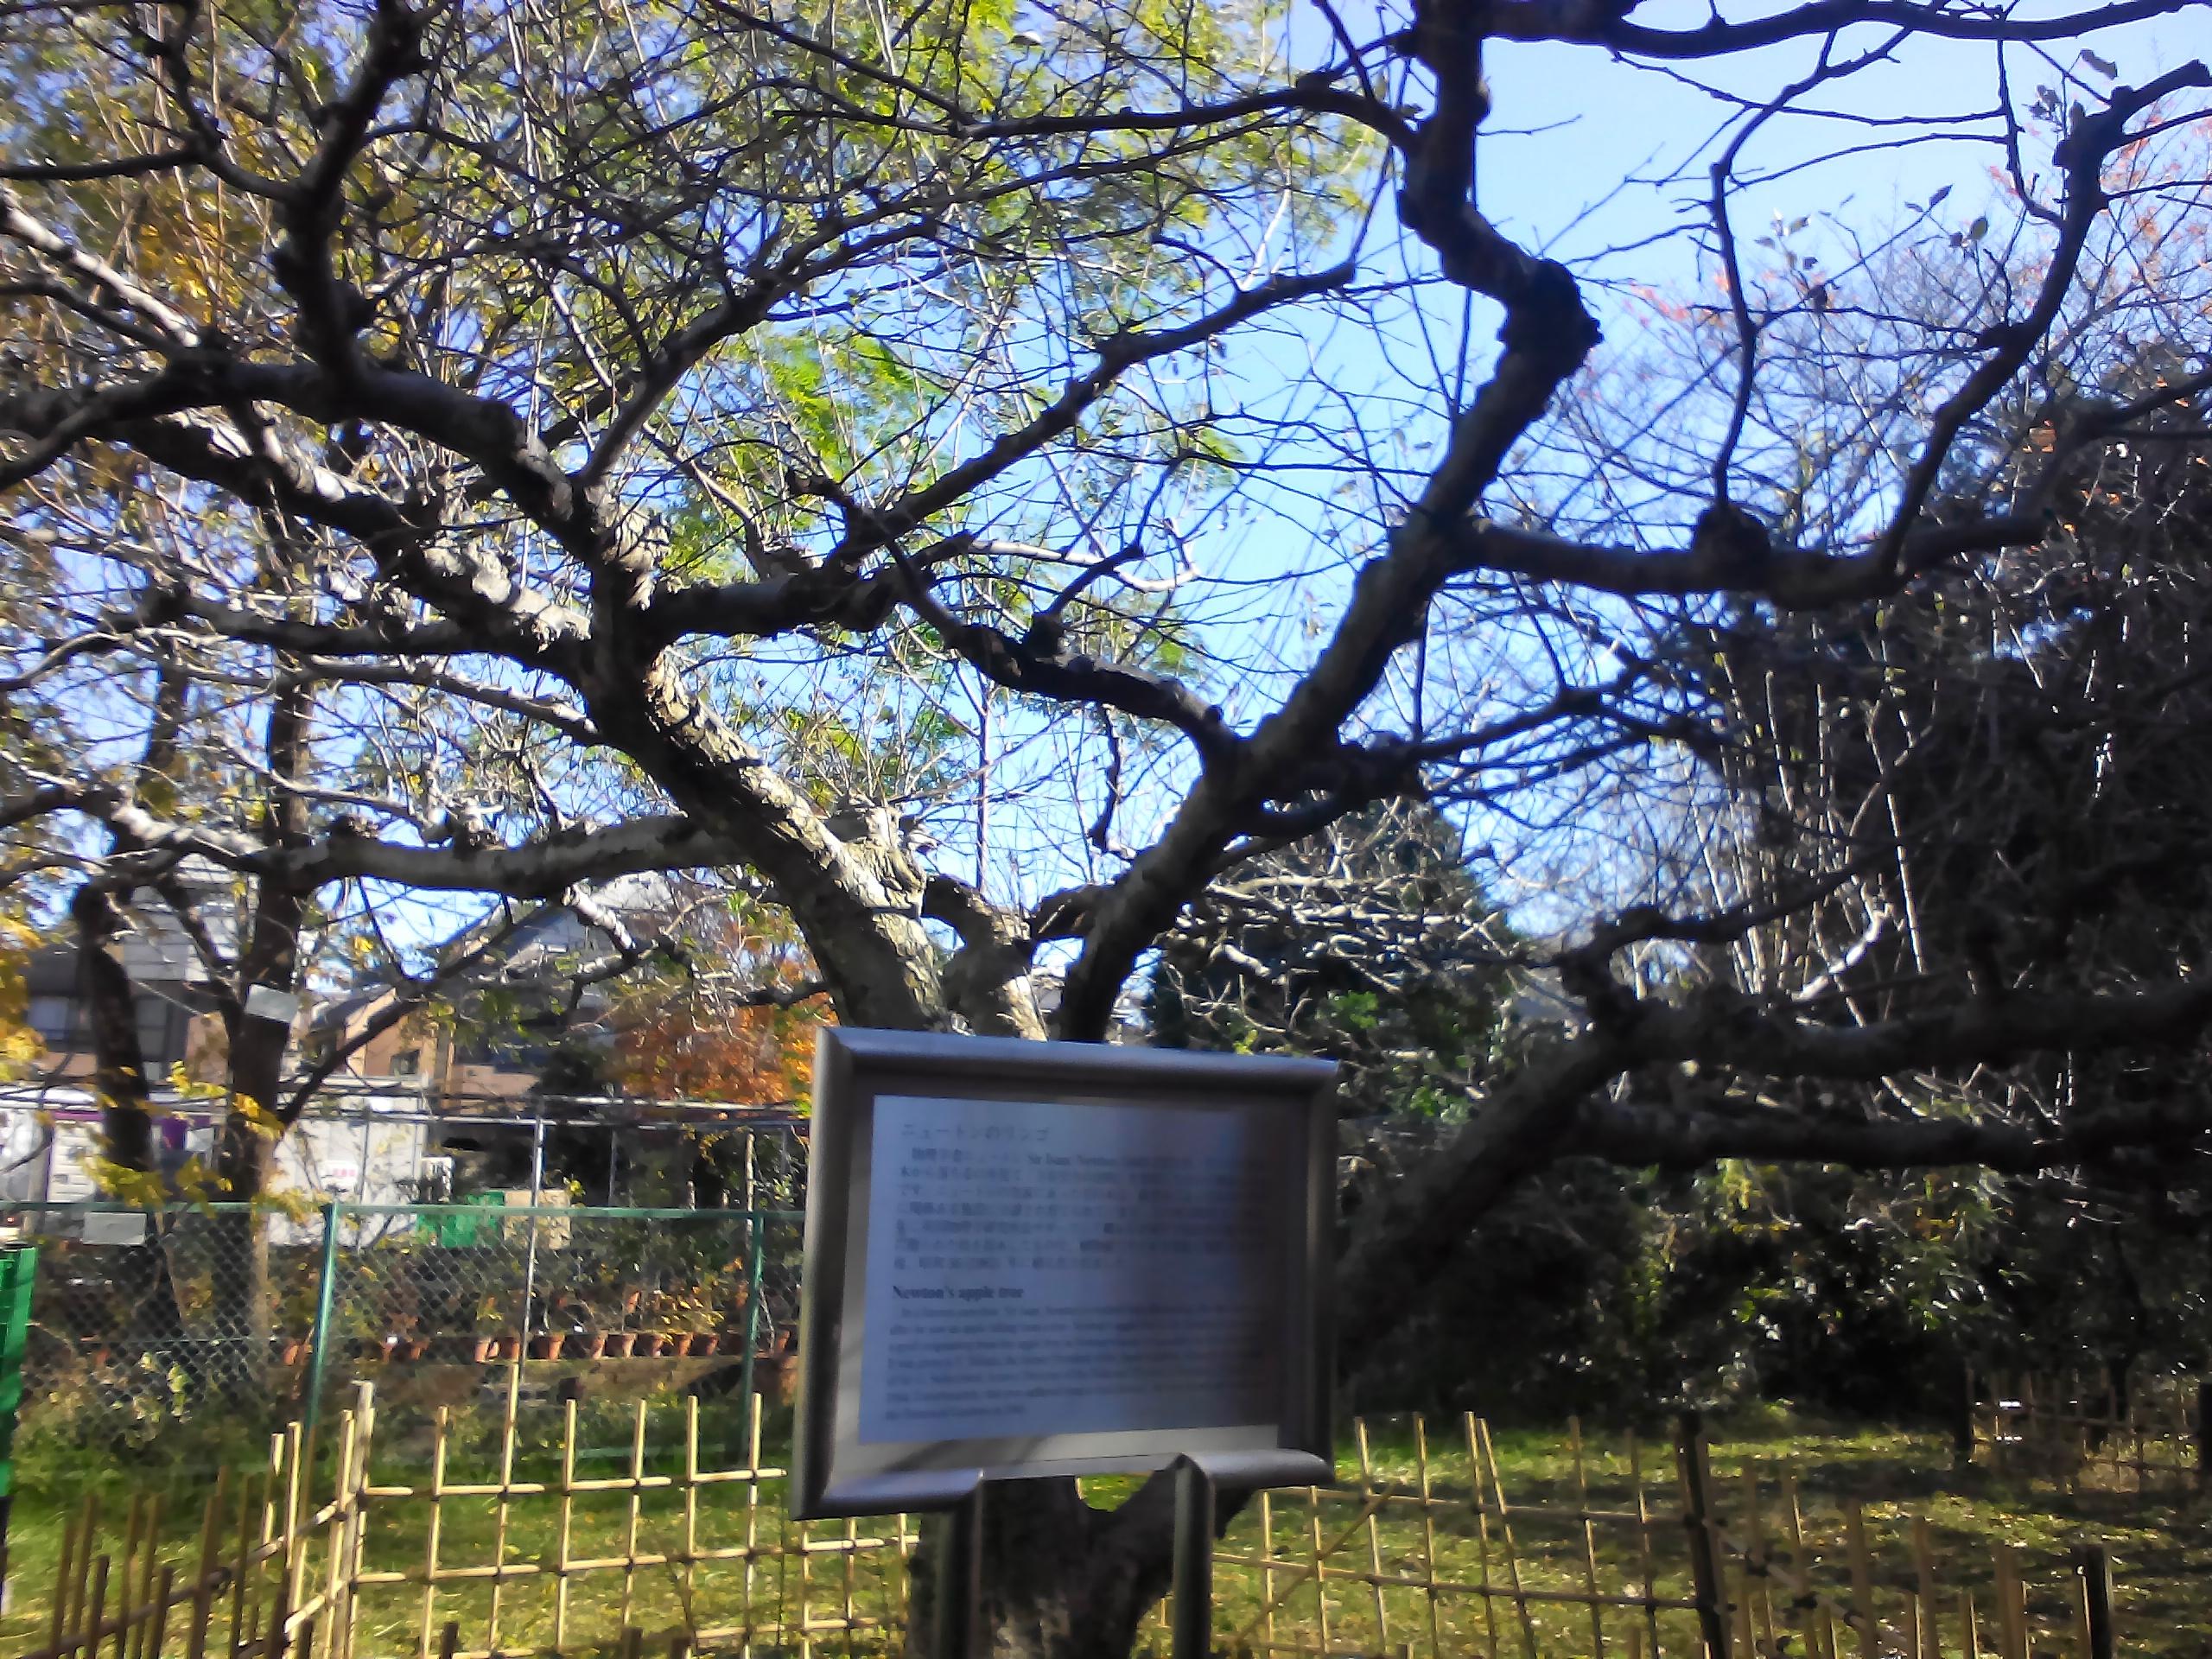 科学网 站在 牛顿苹果树 前 宁利中的博文